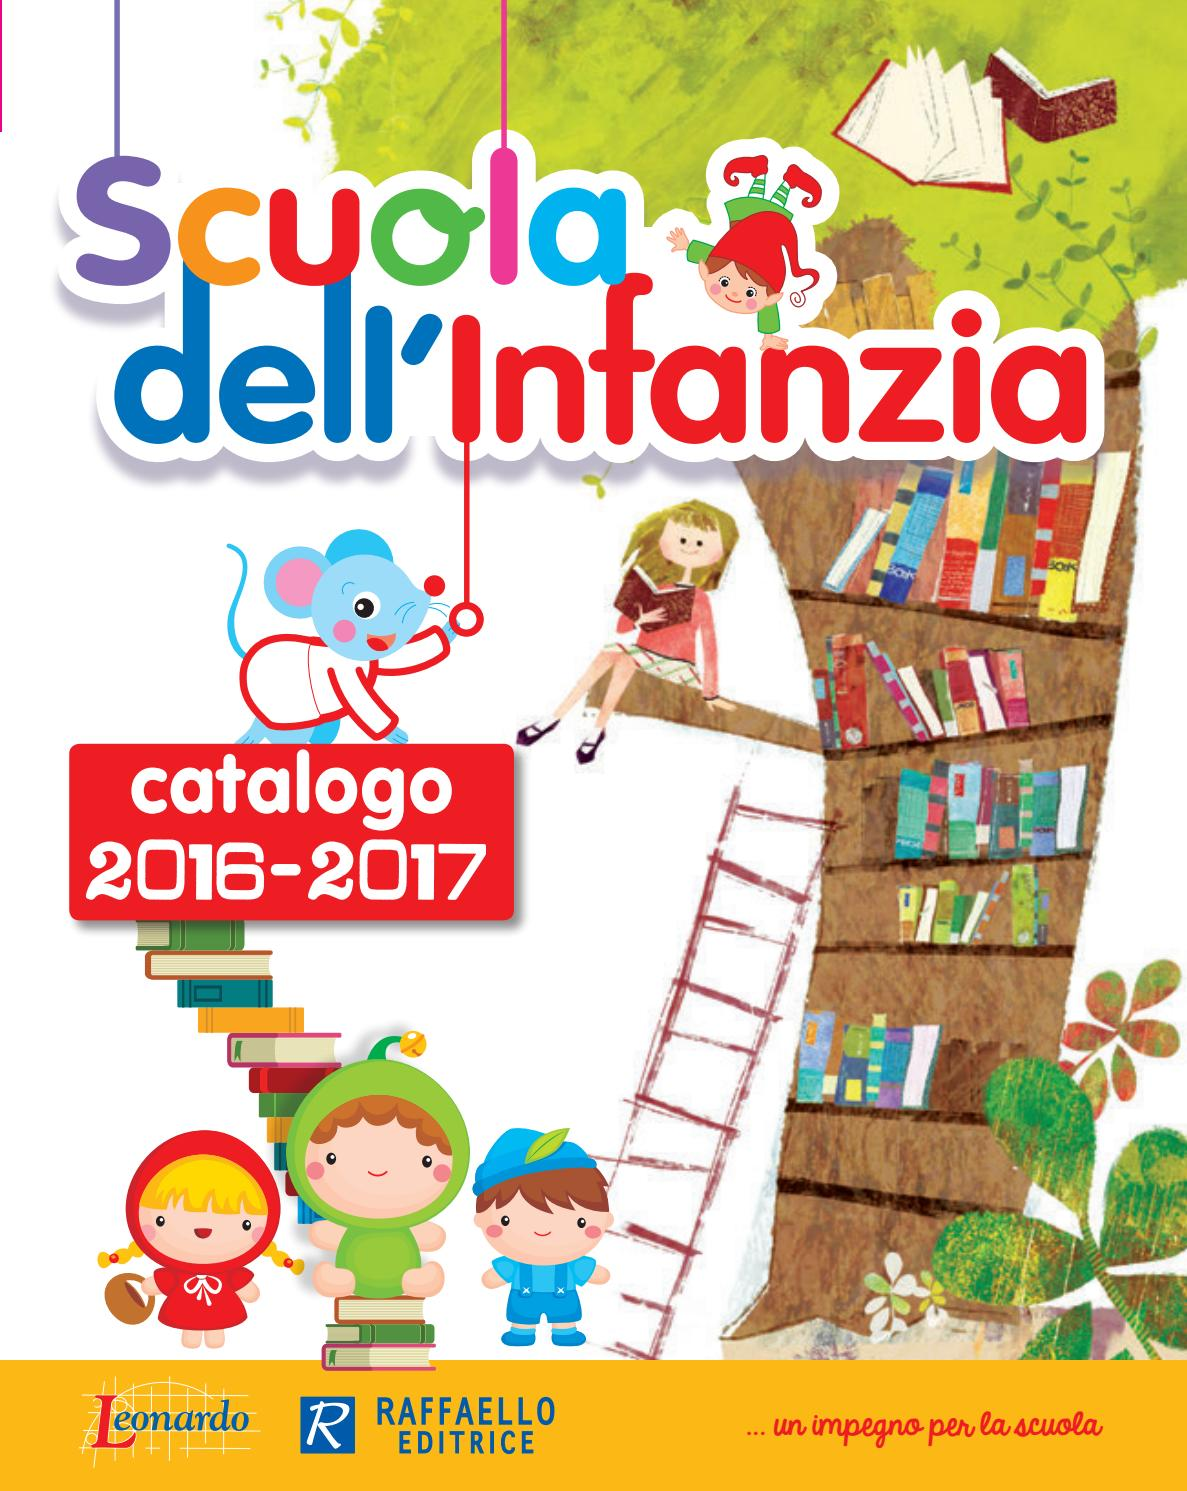 Scuola dell 39 infanzia catalogo 2015 2016 by gruppo for Catalogo arredi scuola infanzia